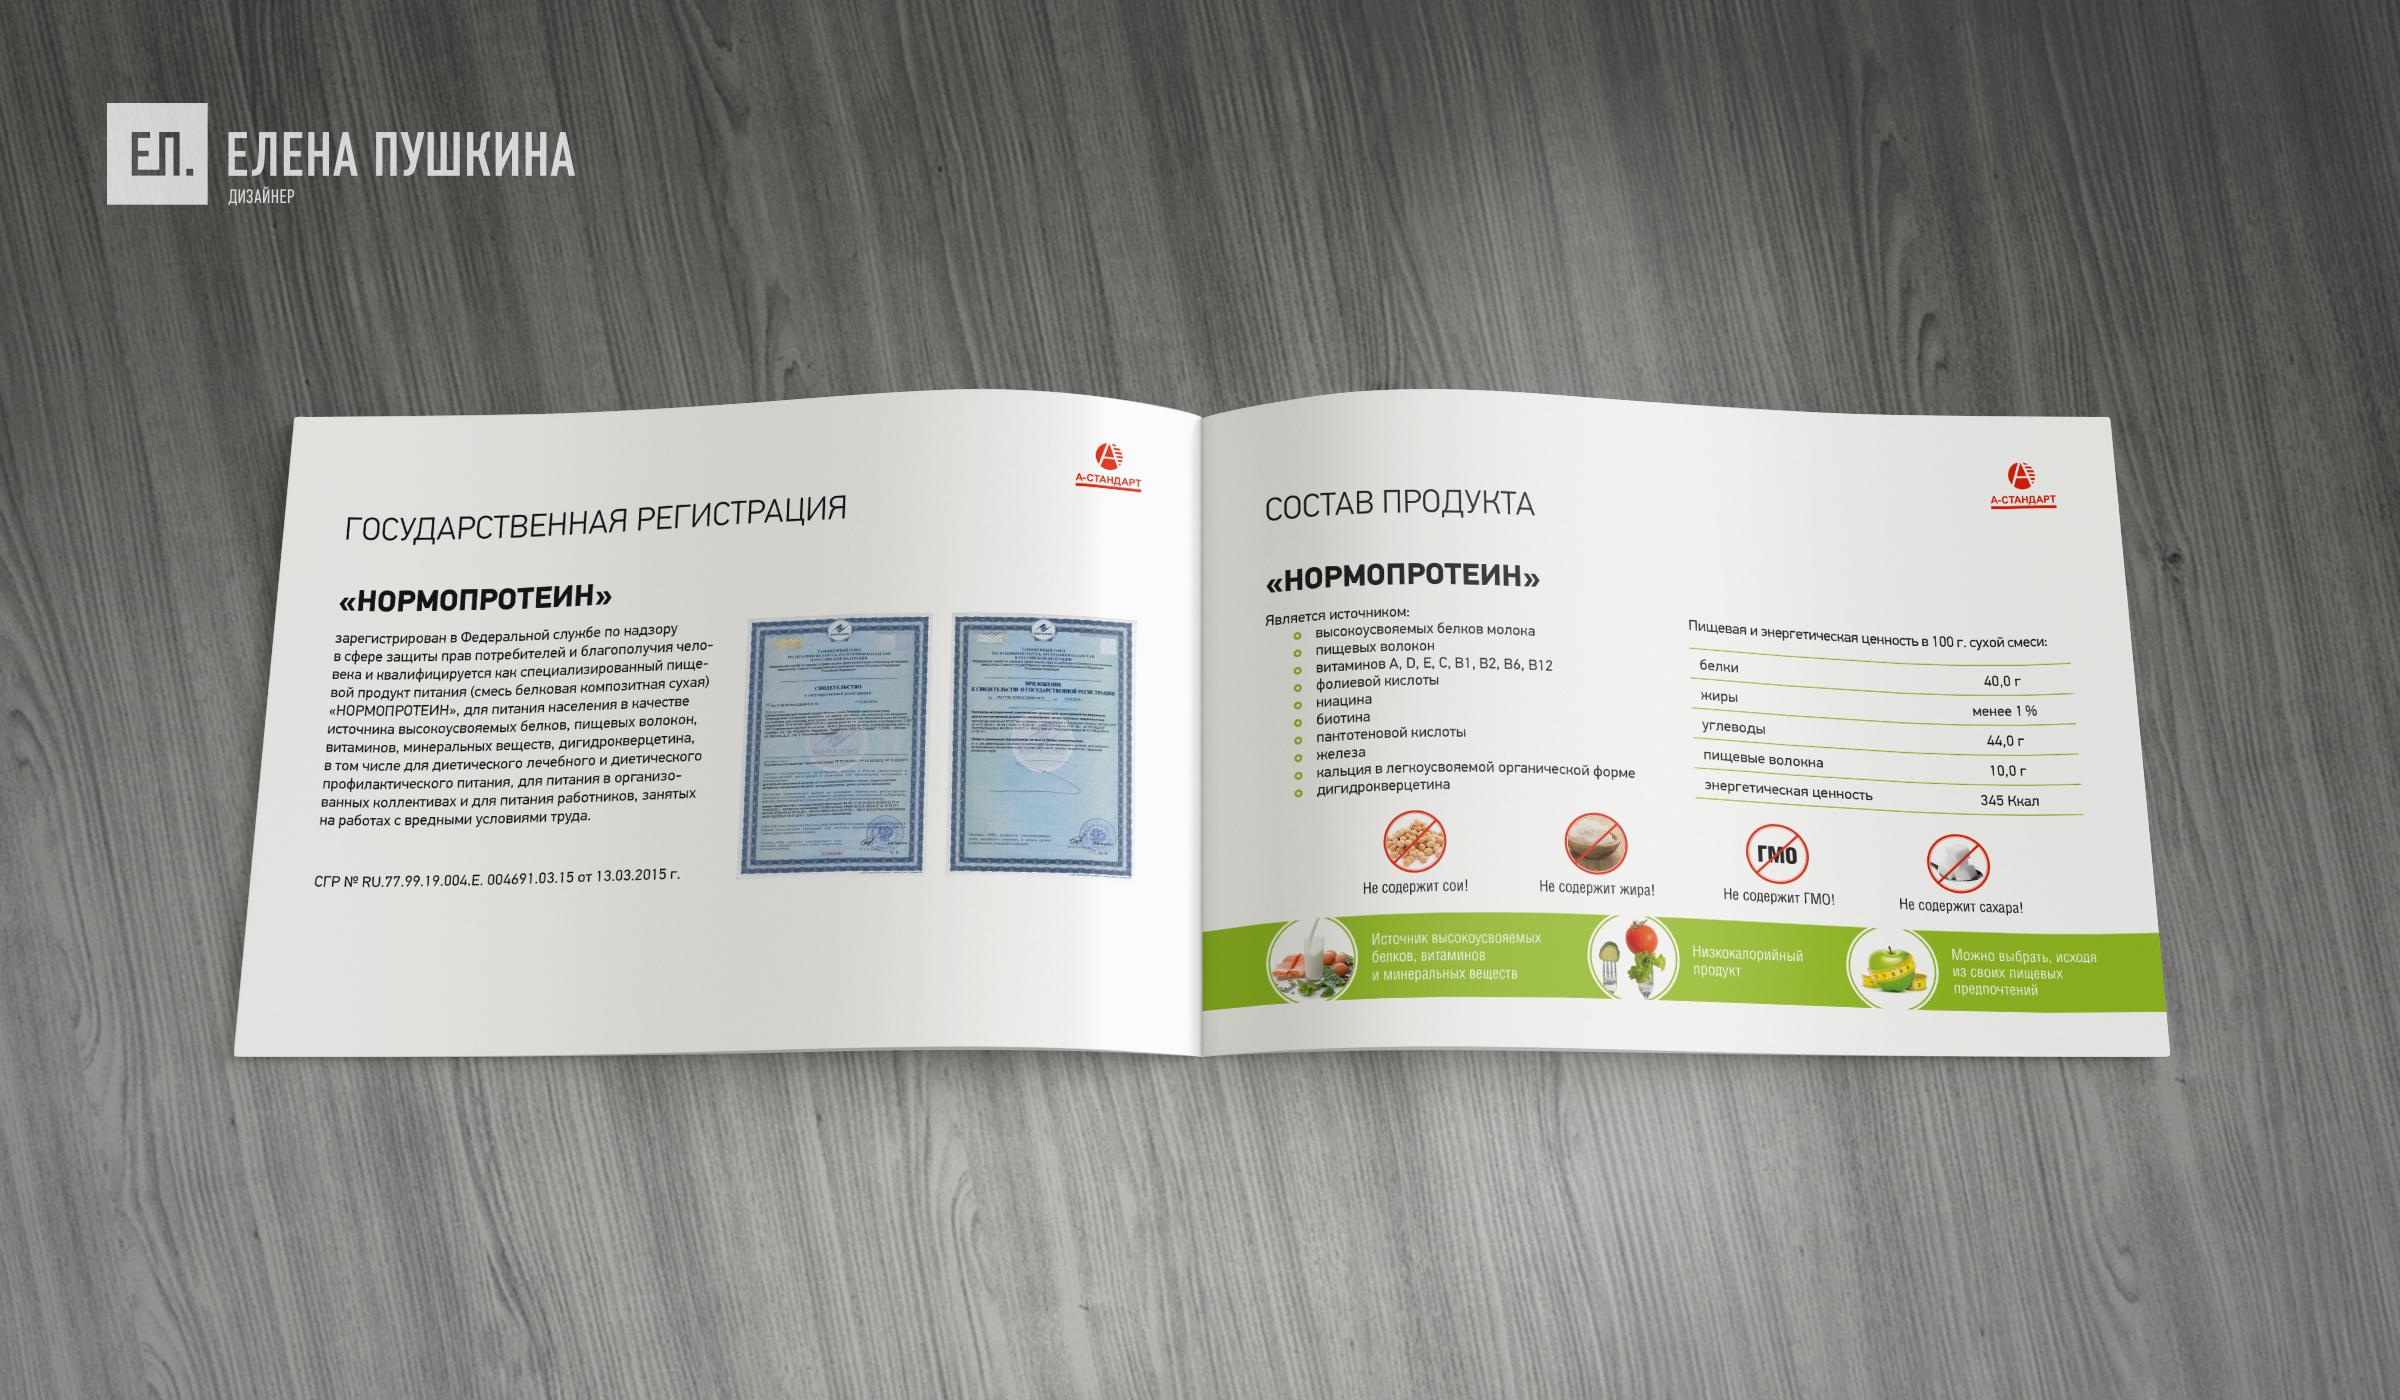 Брошюра презентация витаминно-белкового комплекса ТМ «НОРМОПРОТЕИН»— дизайн с«нуля» обложки, макета, инфографики ивёрстка брошюры Дизайн брошюр, буклетов Портфолио